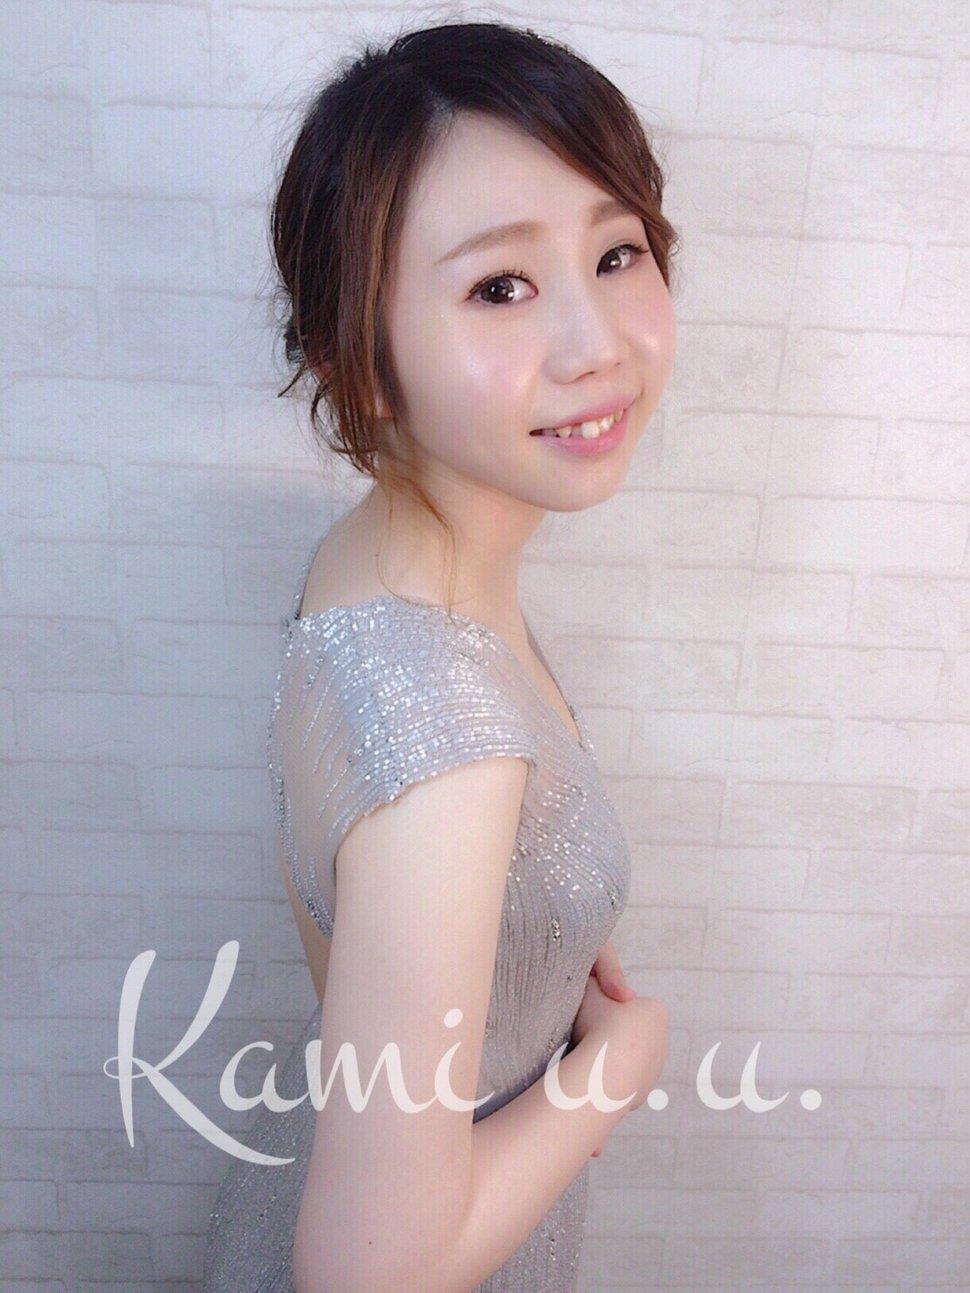 李宛霖_190223_0007 - Kami u.u. 龔芷筠《結婚吧》